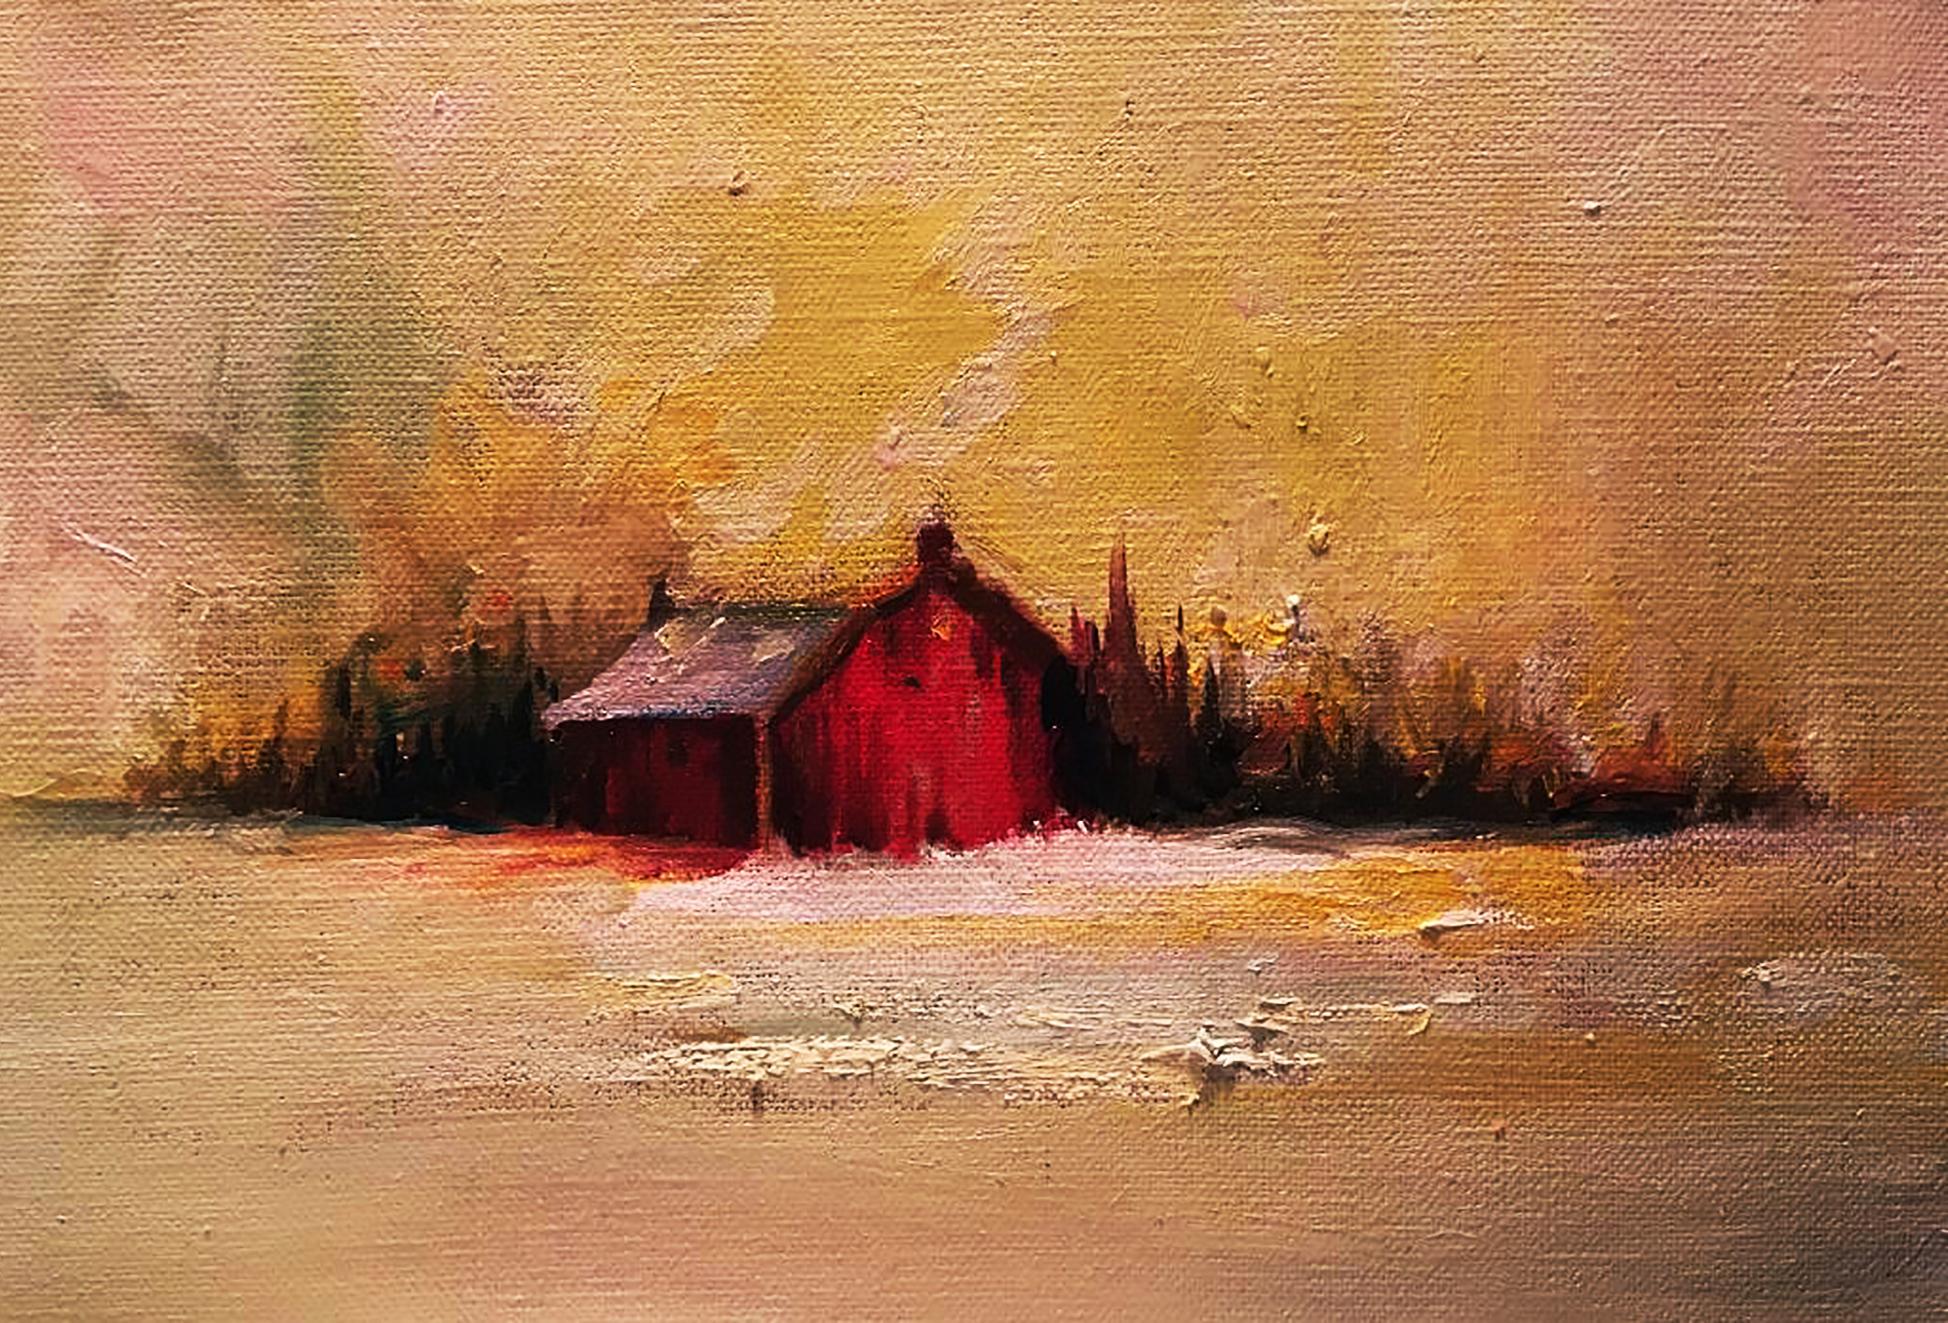 La grange au coucher de soleil (2018)